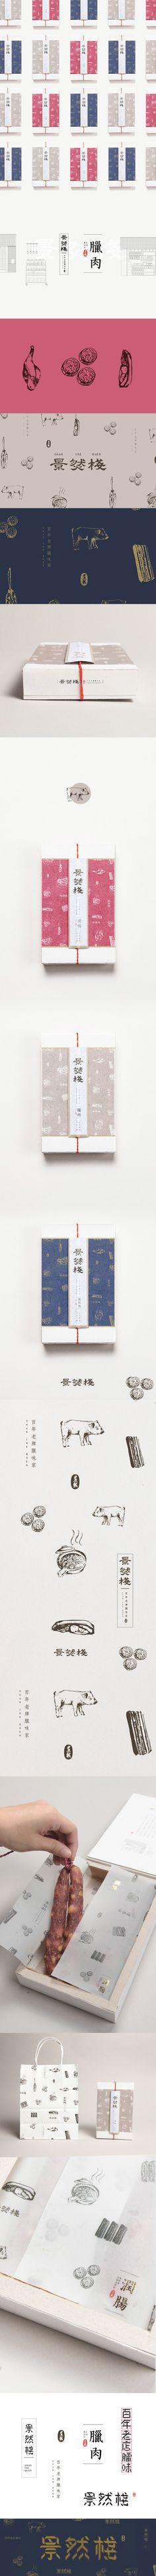 Chan ine quen 臘味系列包裝 | Packaging on Behance. Mmmm sausages PD